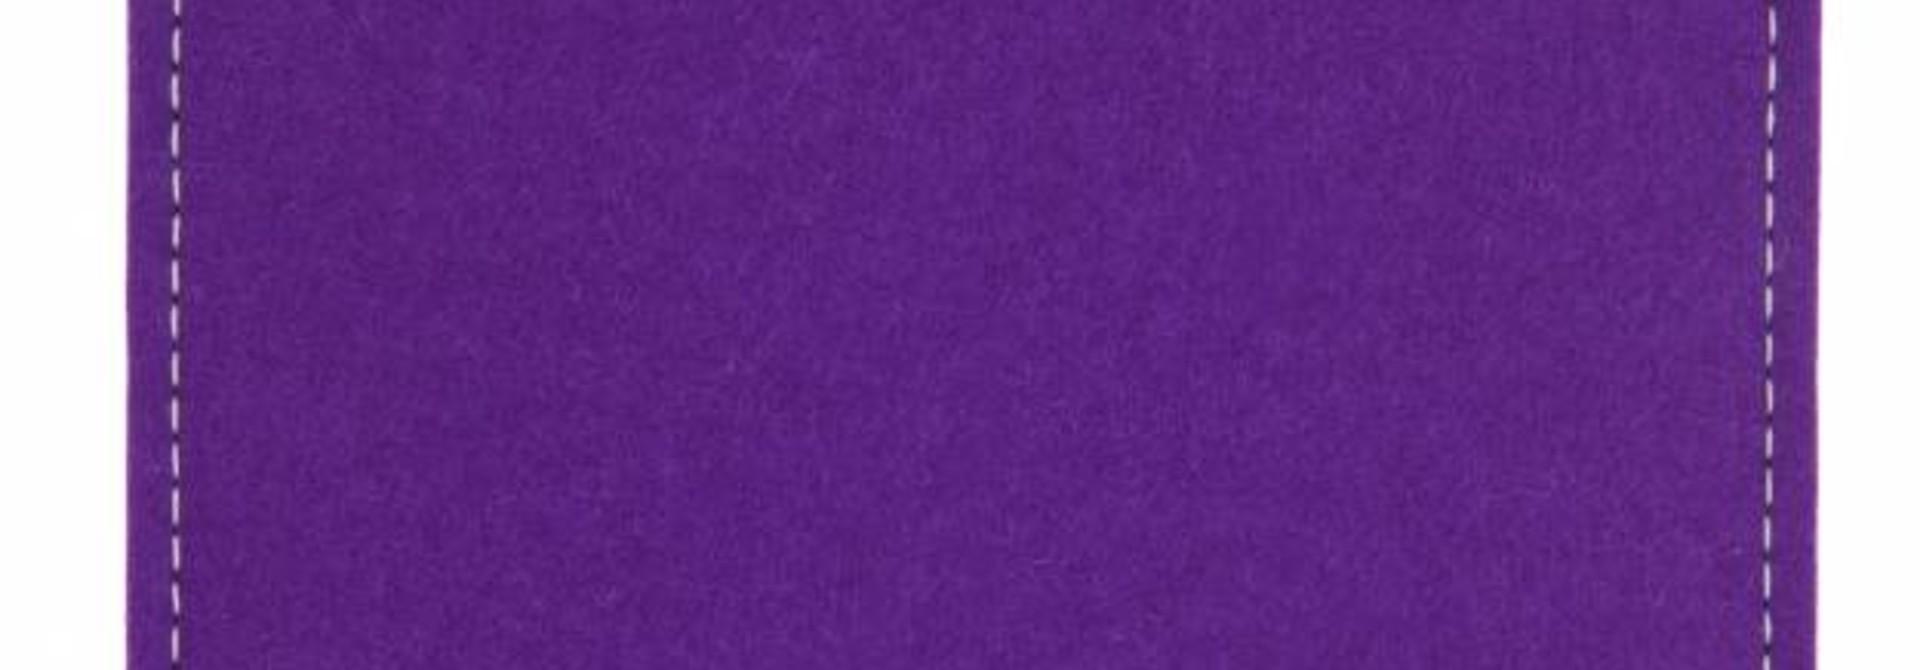 Xperia Tablet Sleeve Purple